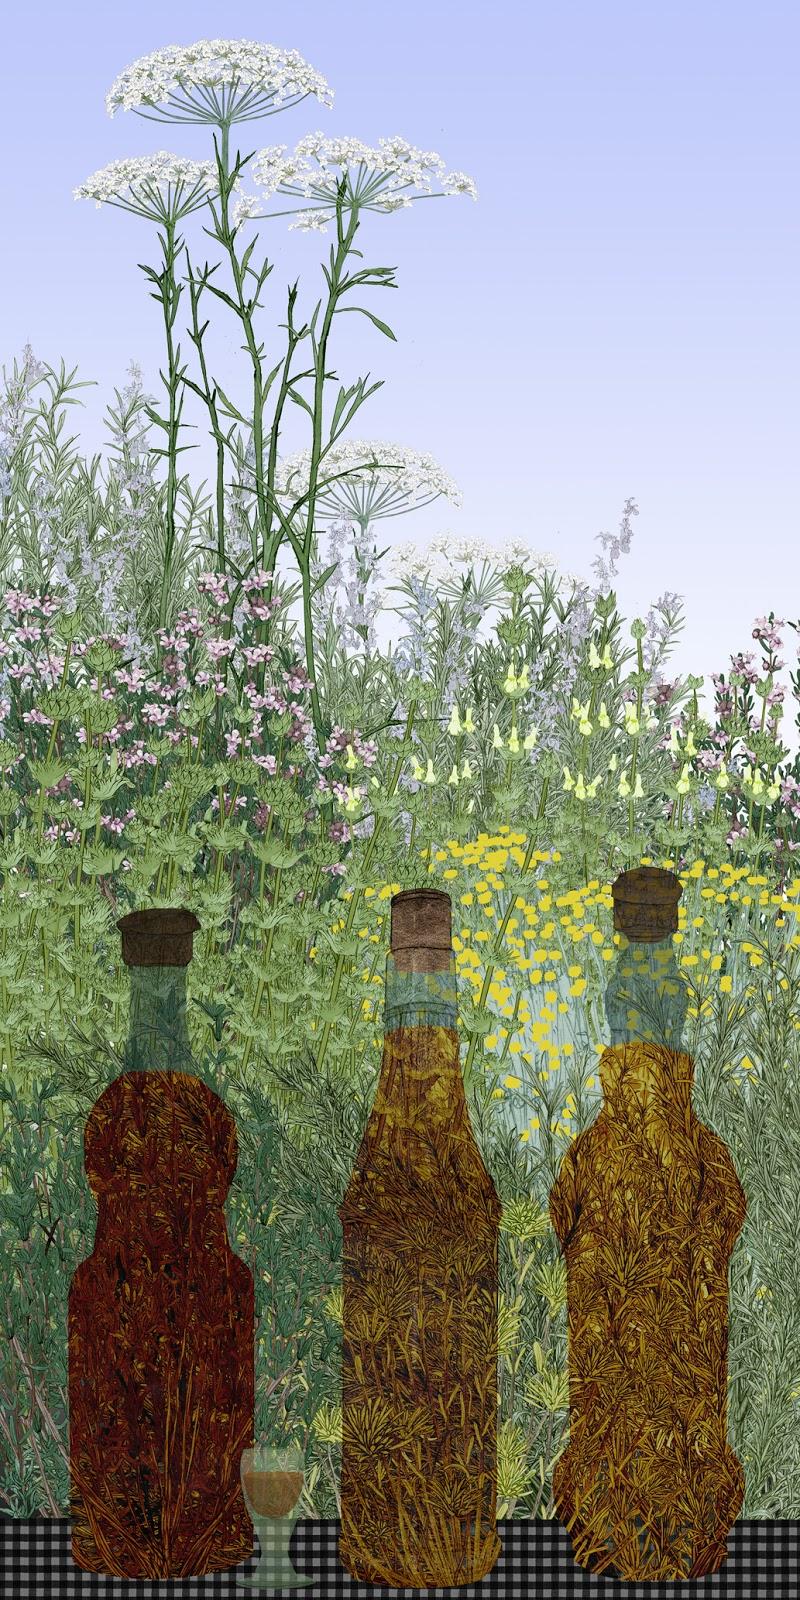 botellas herbero, tomillo, anis, rabo de gato, poleo amargo, dibujo